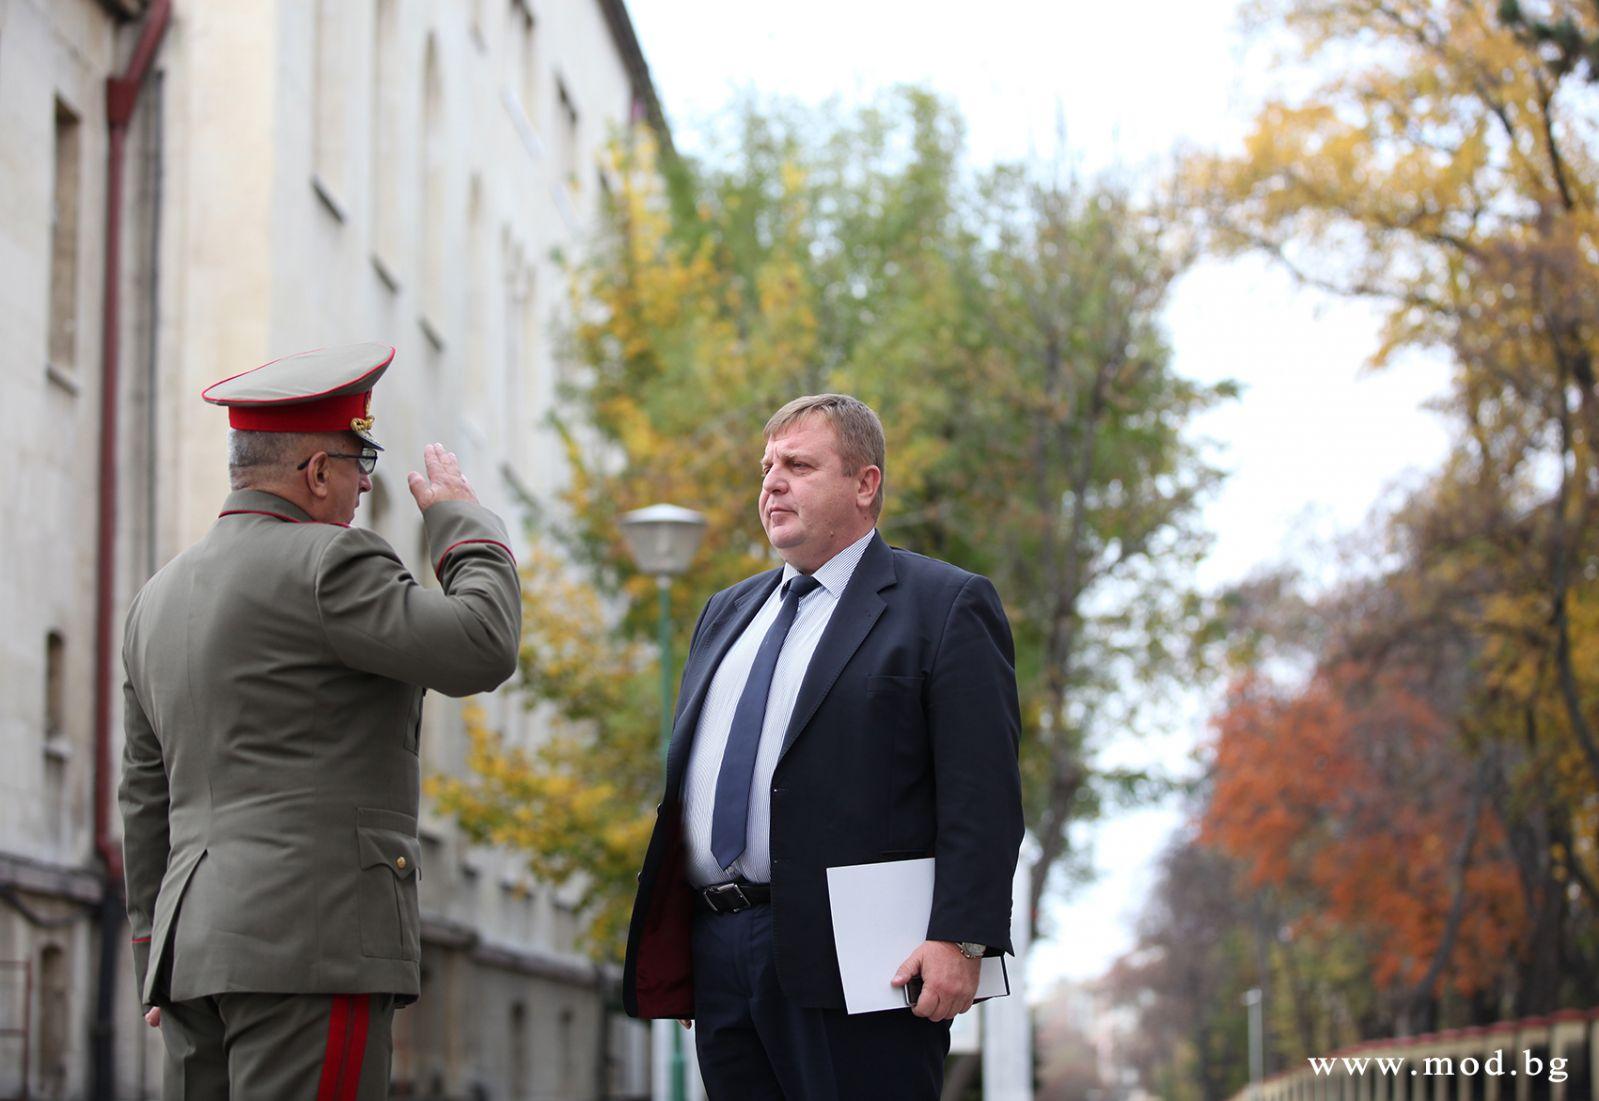 Министър Каракачанов: Отбранителните способности на ВС трябва да бъдат изграждани в синхрон с развитието на останалите инструменти на националната мощ